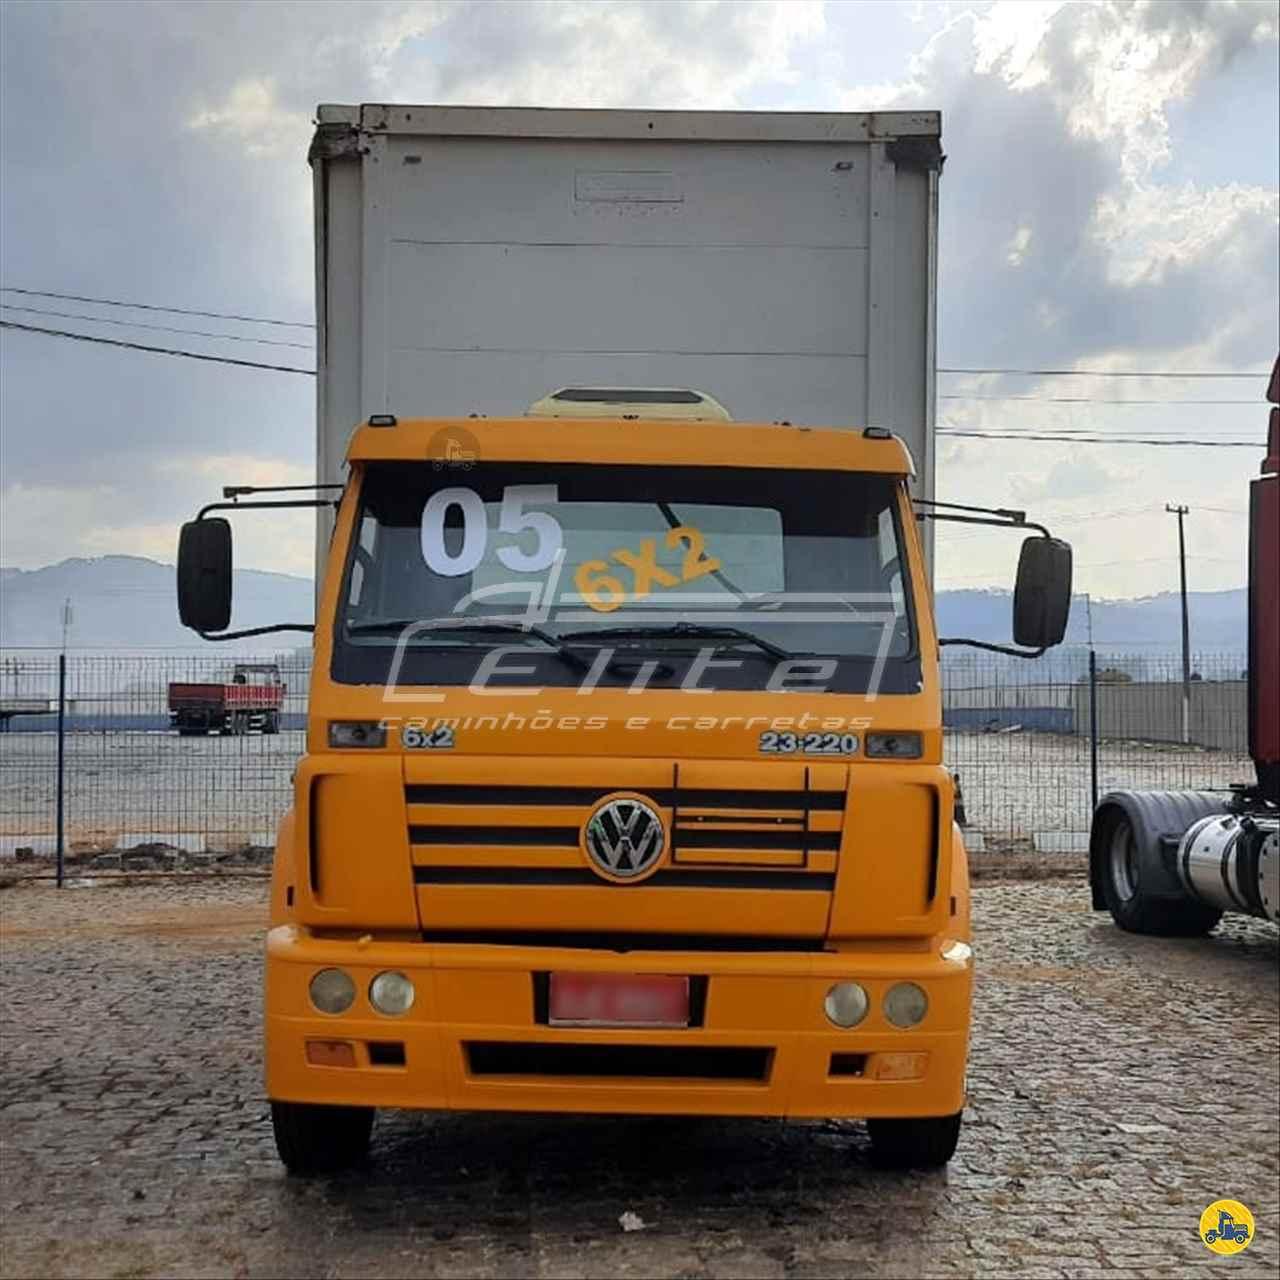 CAMINHAO VOLKSWAGEN VW 23220 Baú Sider Truck 6x2 Elite Caminhões ESTIVA MINAS GERAIS MG